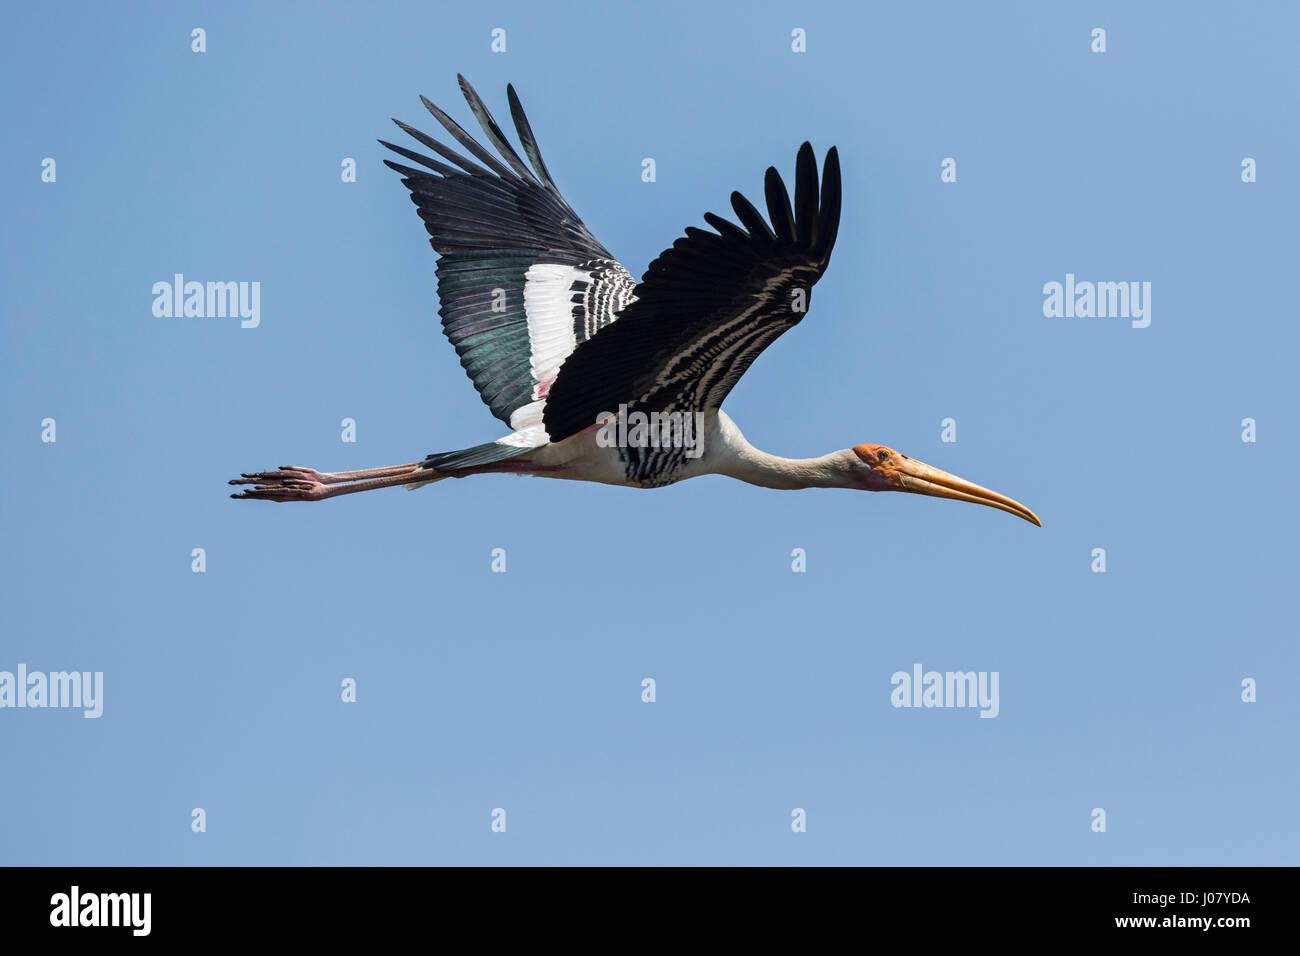 Malte Stork (Mycteria Leucocephala) im Flug, Prek Toal, Tonle Sap, Kambodscha Stockbild